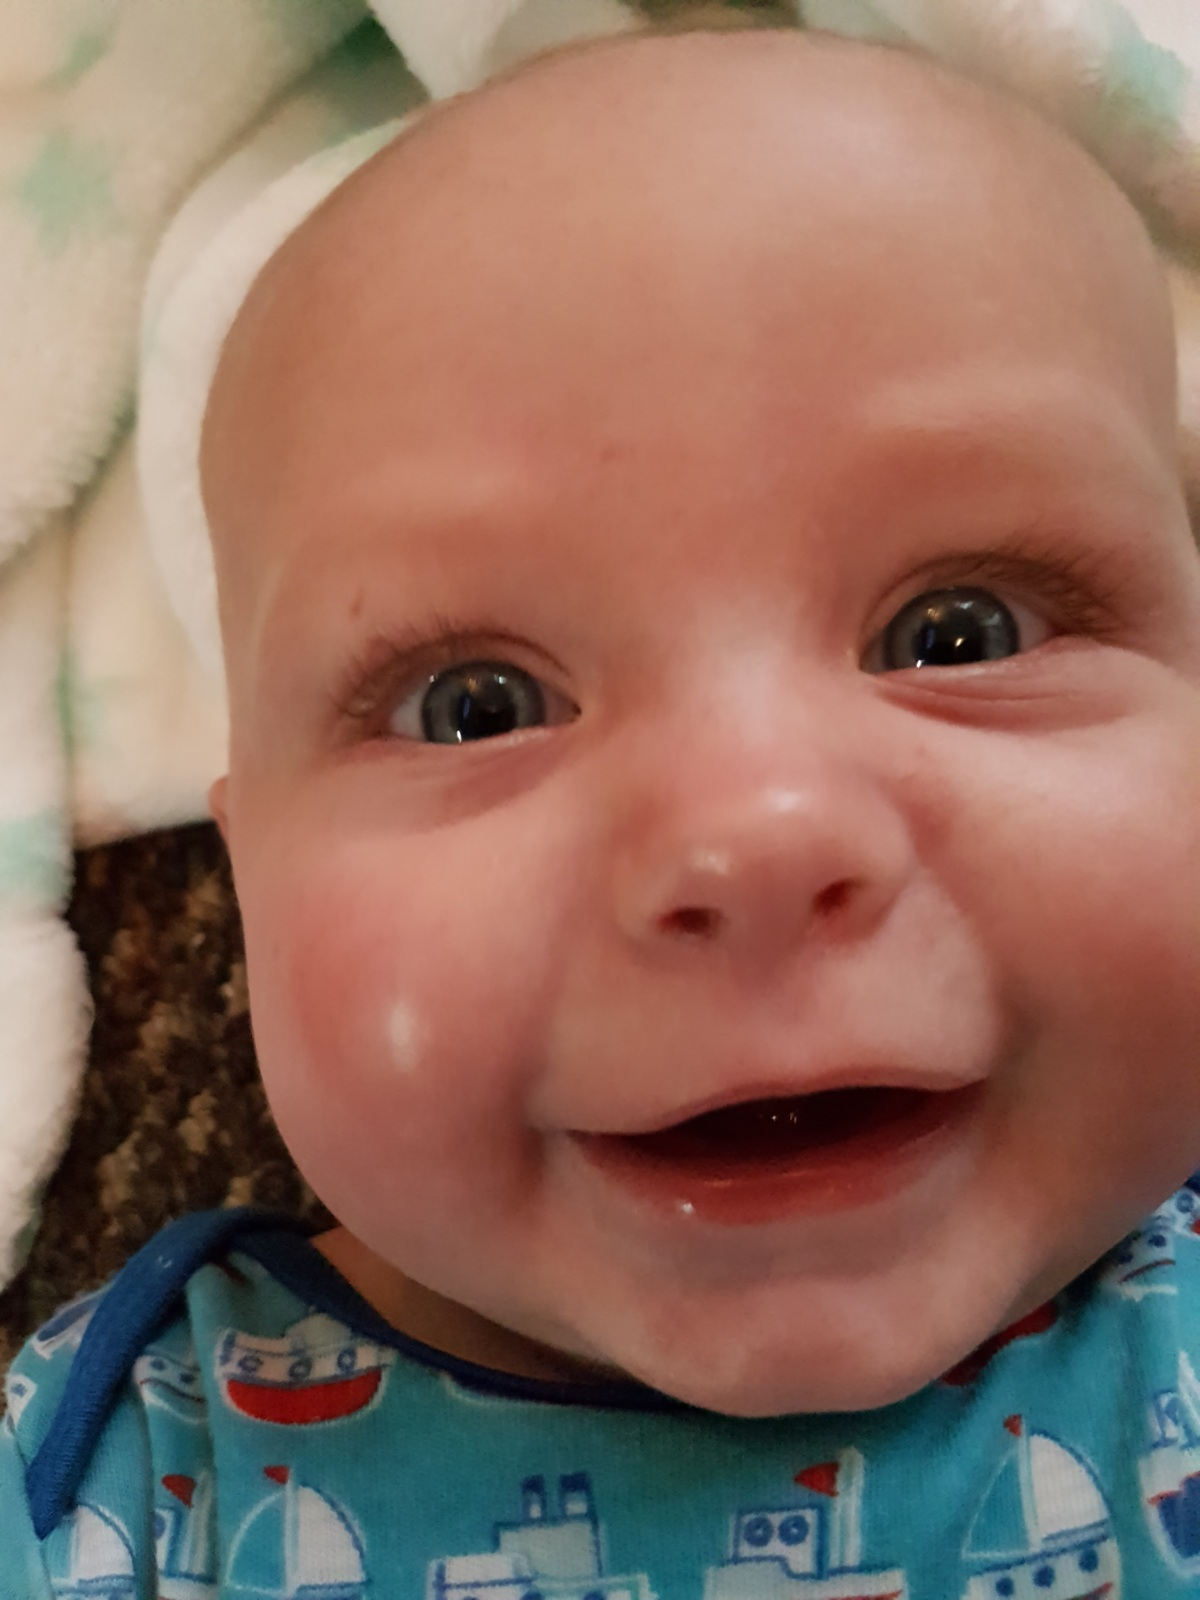 Six Months a Parent: The Journey SoFar